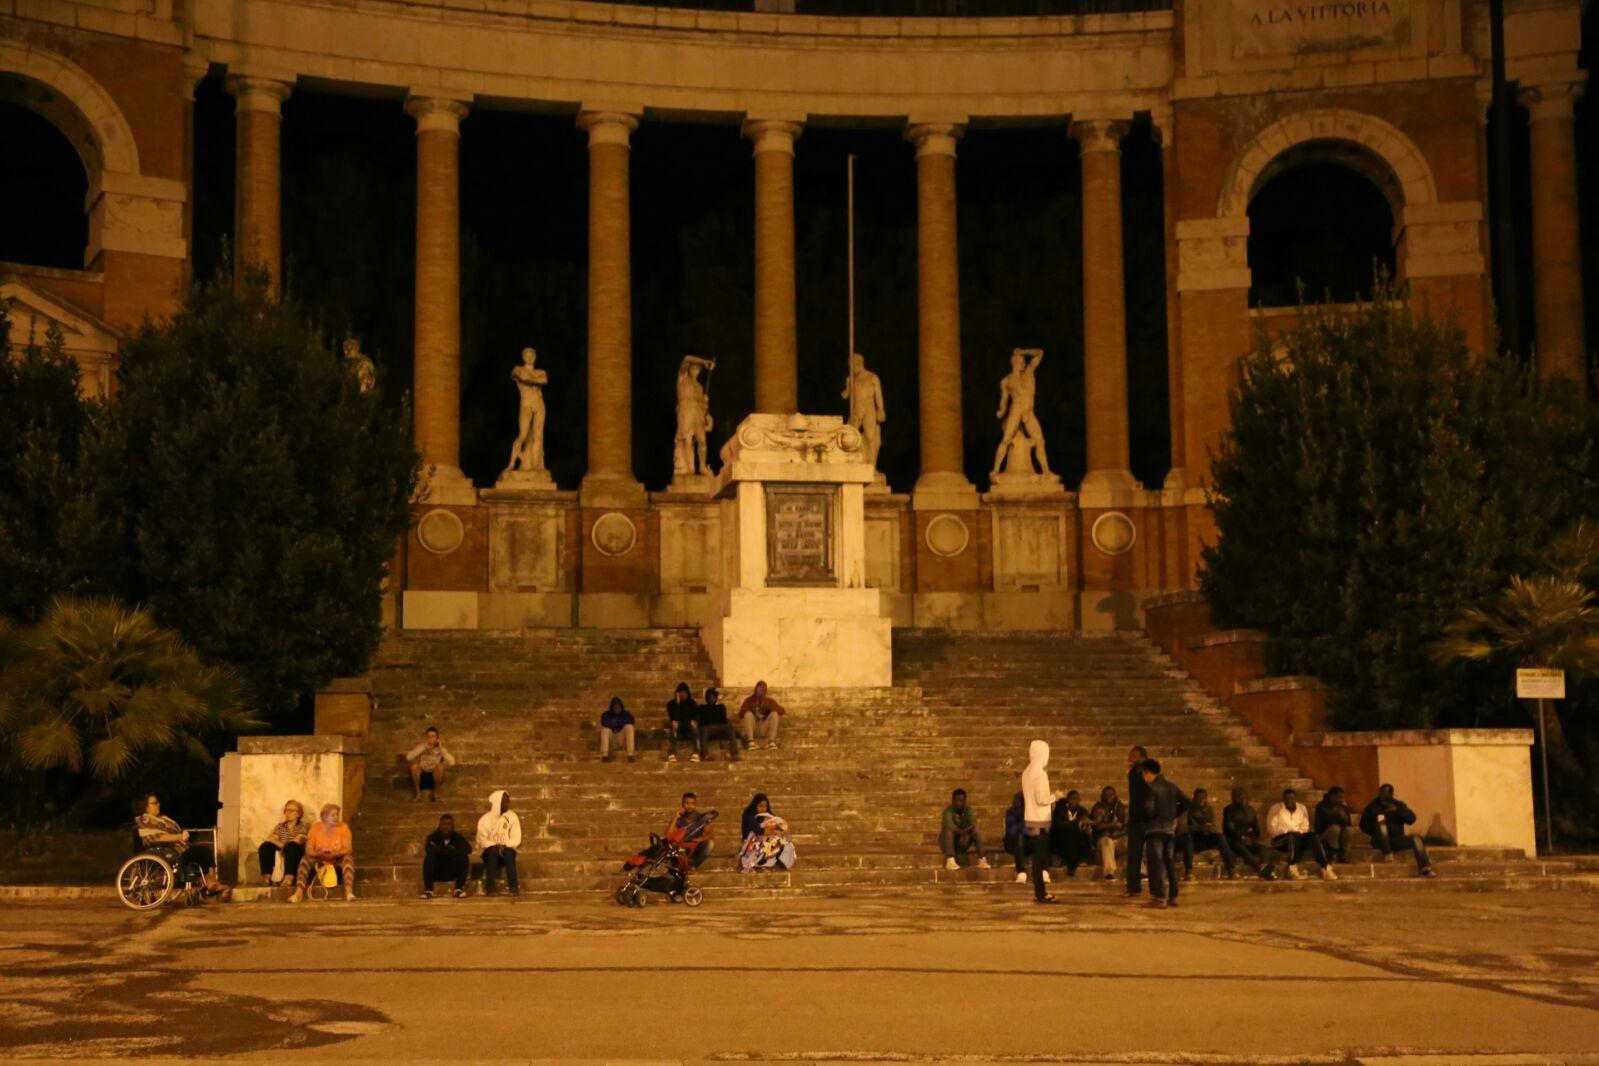 Tanta gente al Monumento dei caduti (foto di Andrea Petinari)